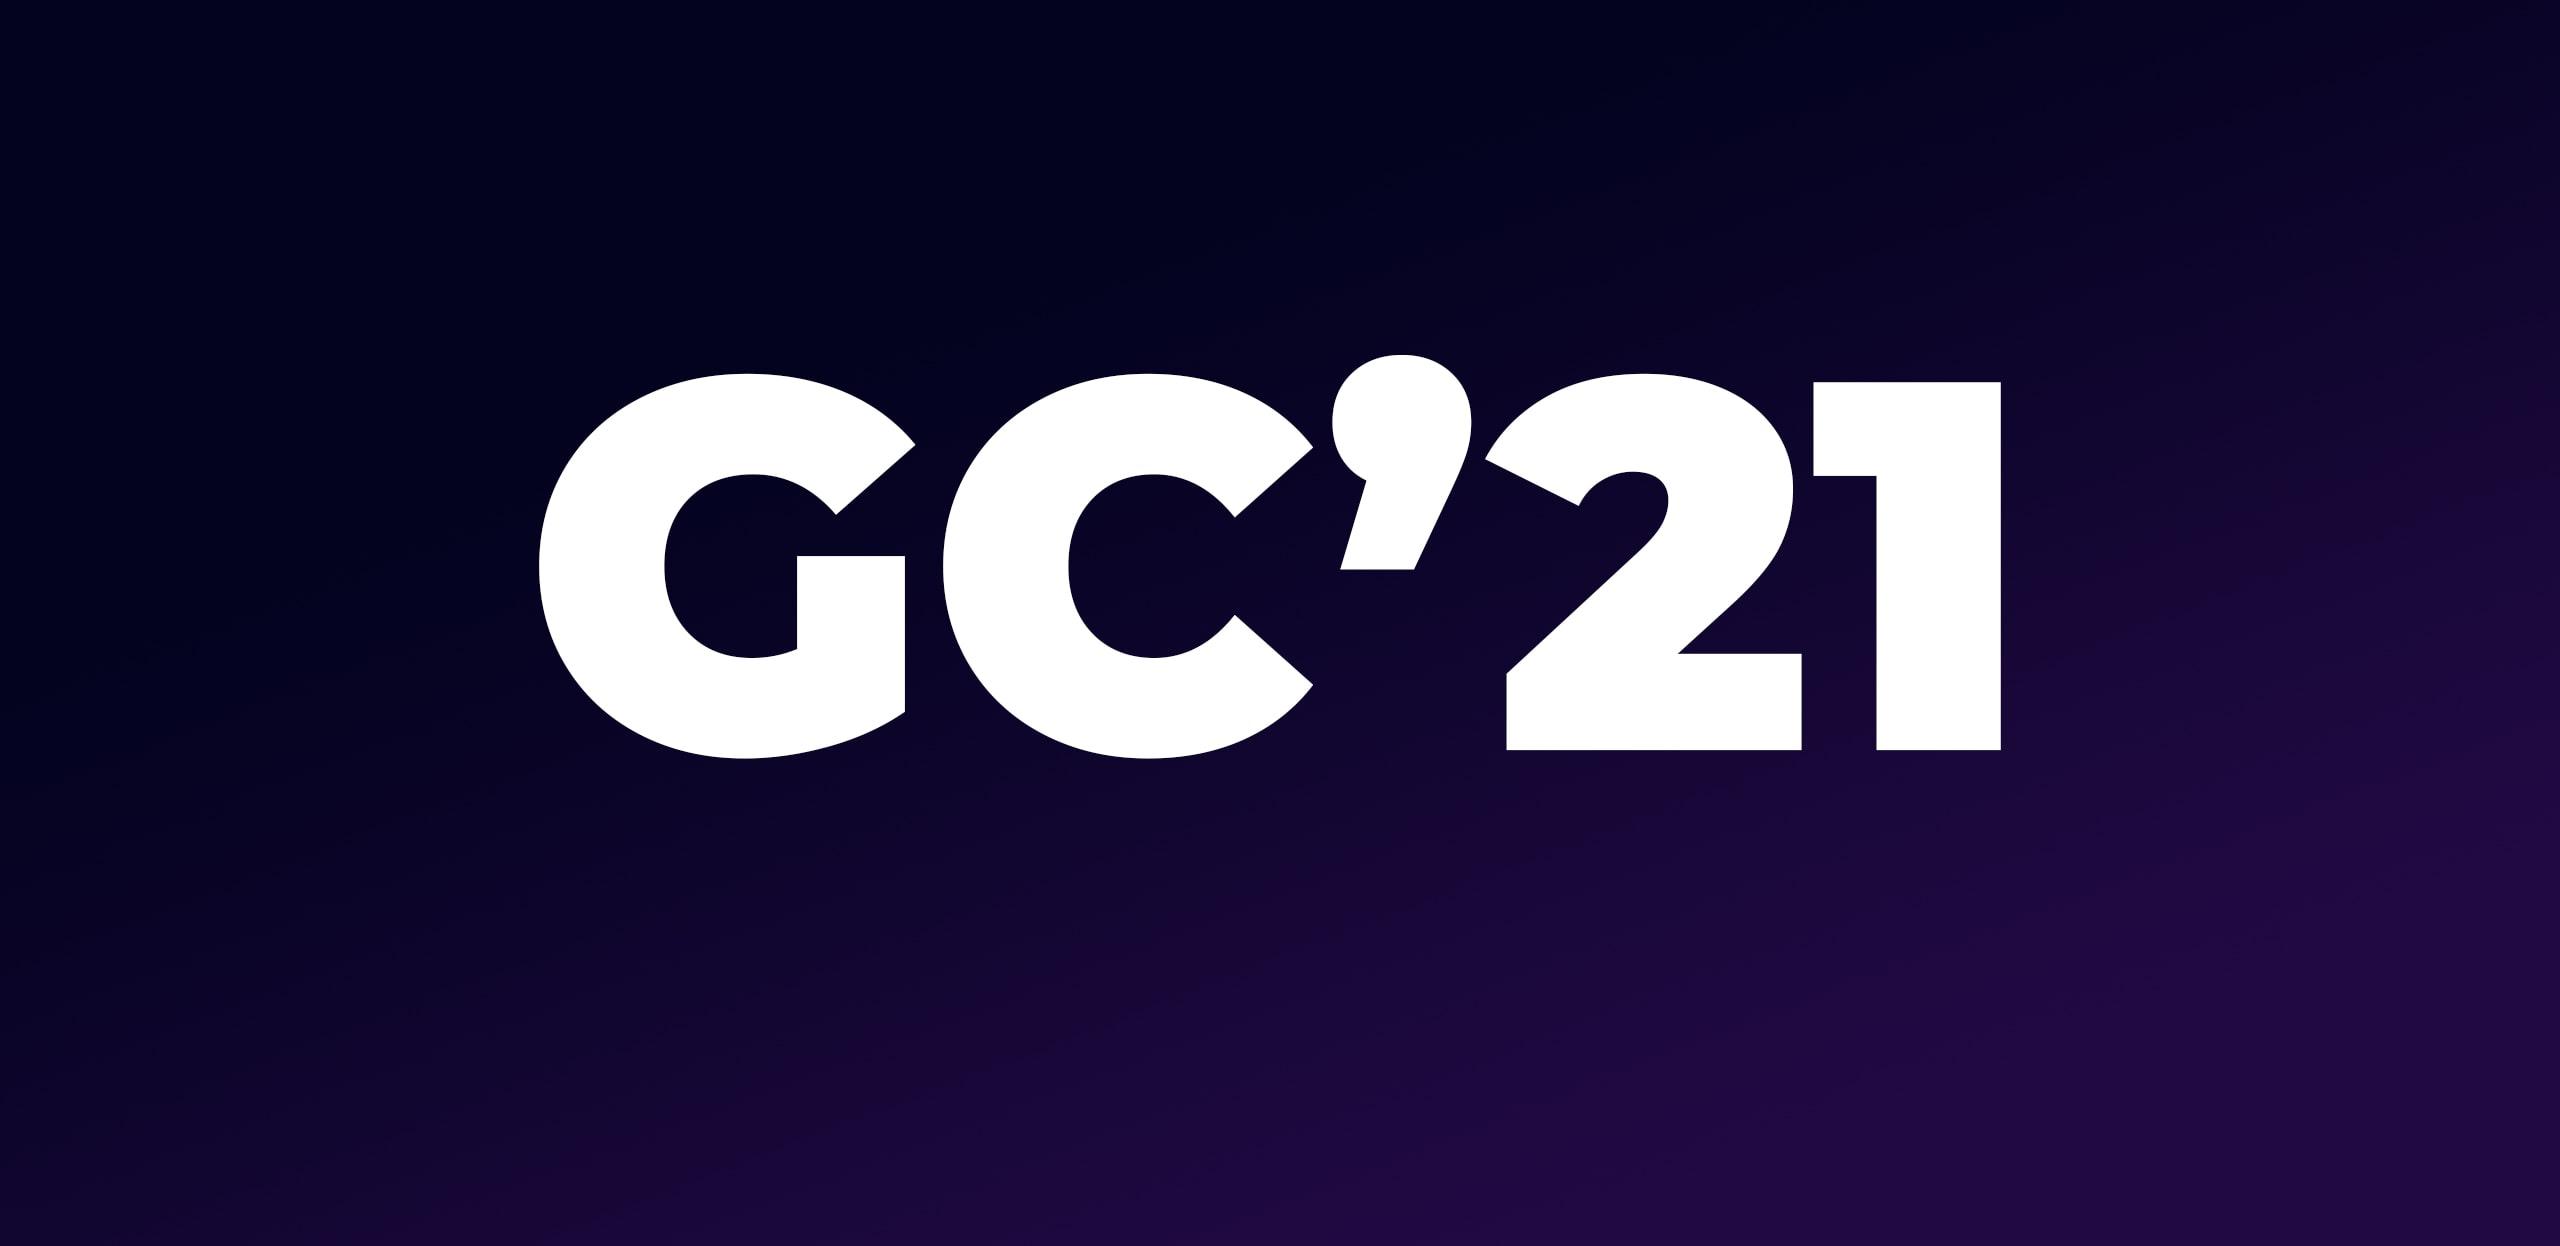 Одноклассники, ВКонтакте и Мой Мир объявили о старте четвертого турнира для разработчиков мобильных игр